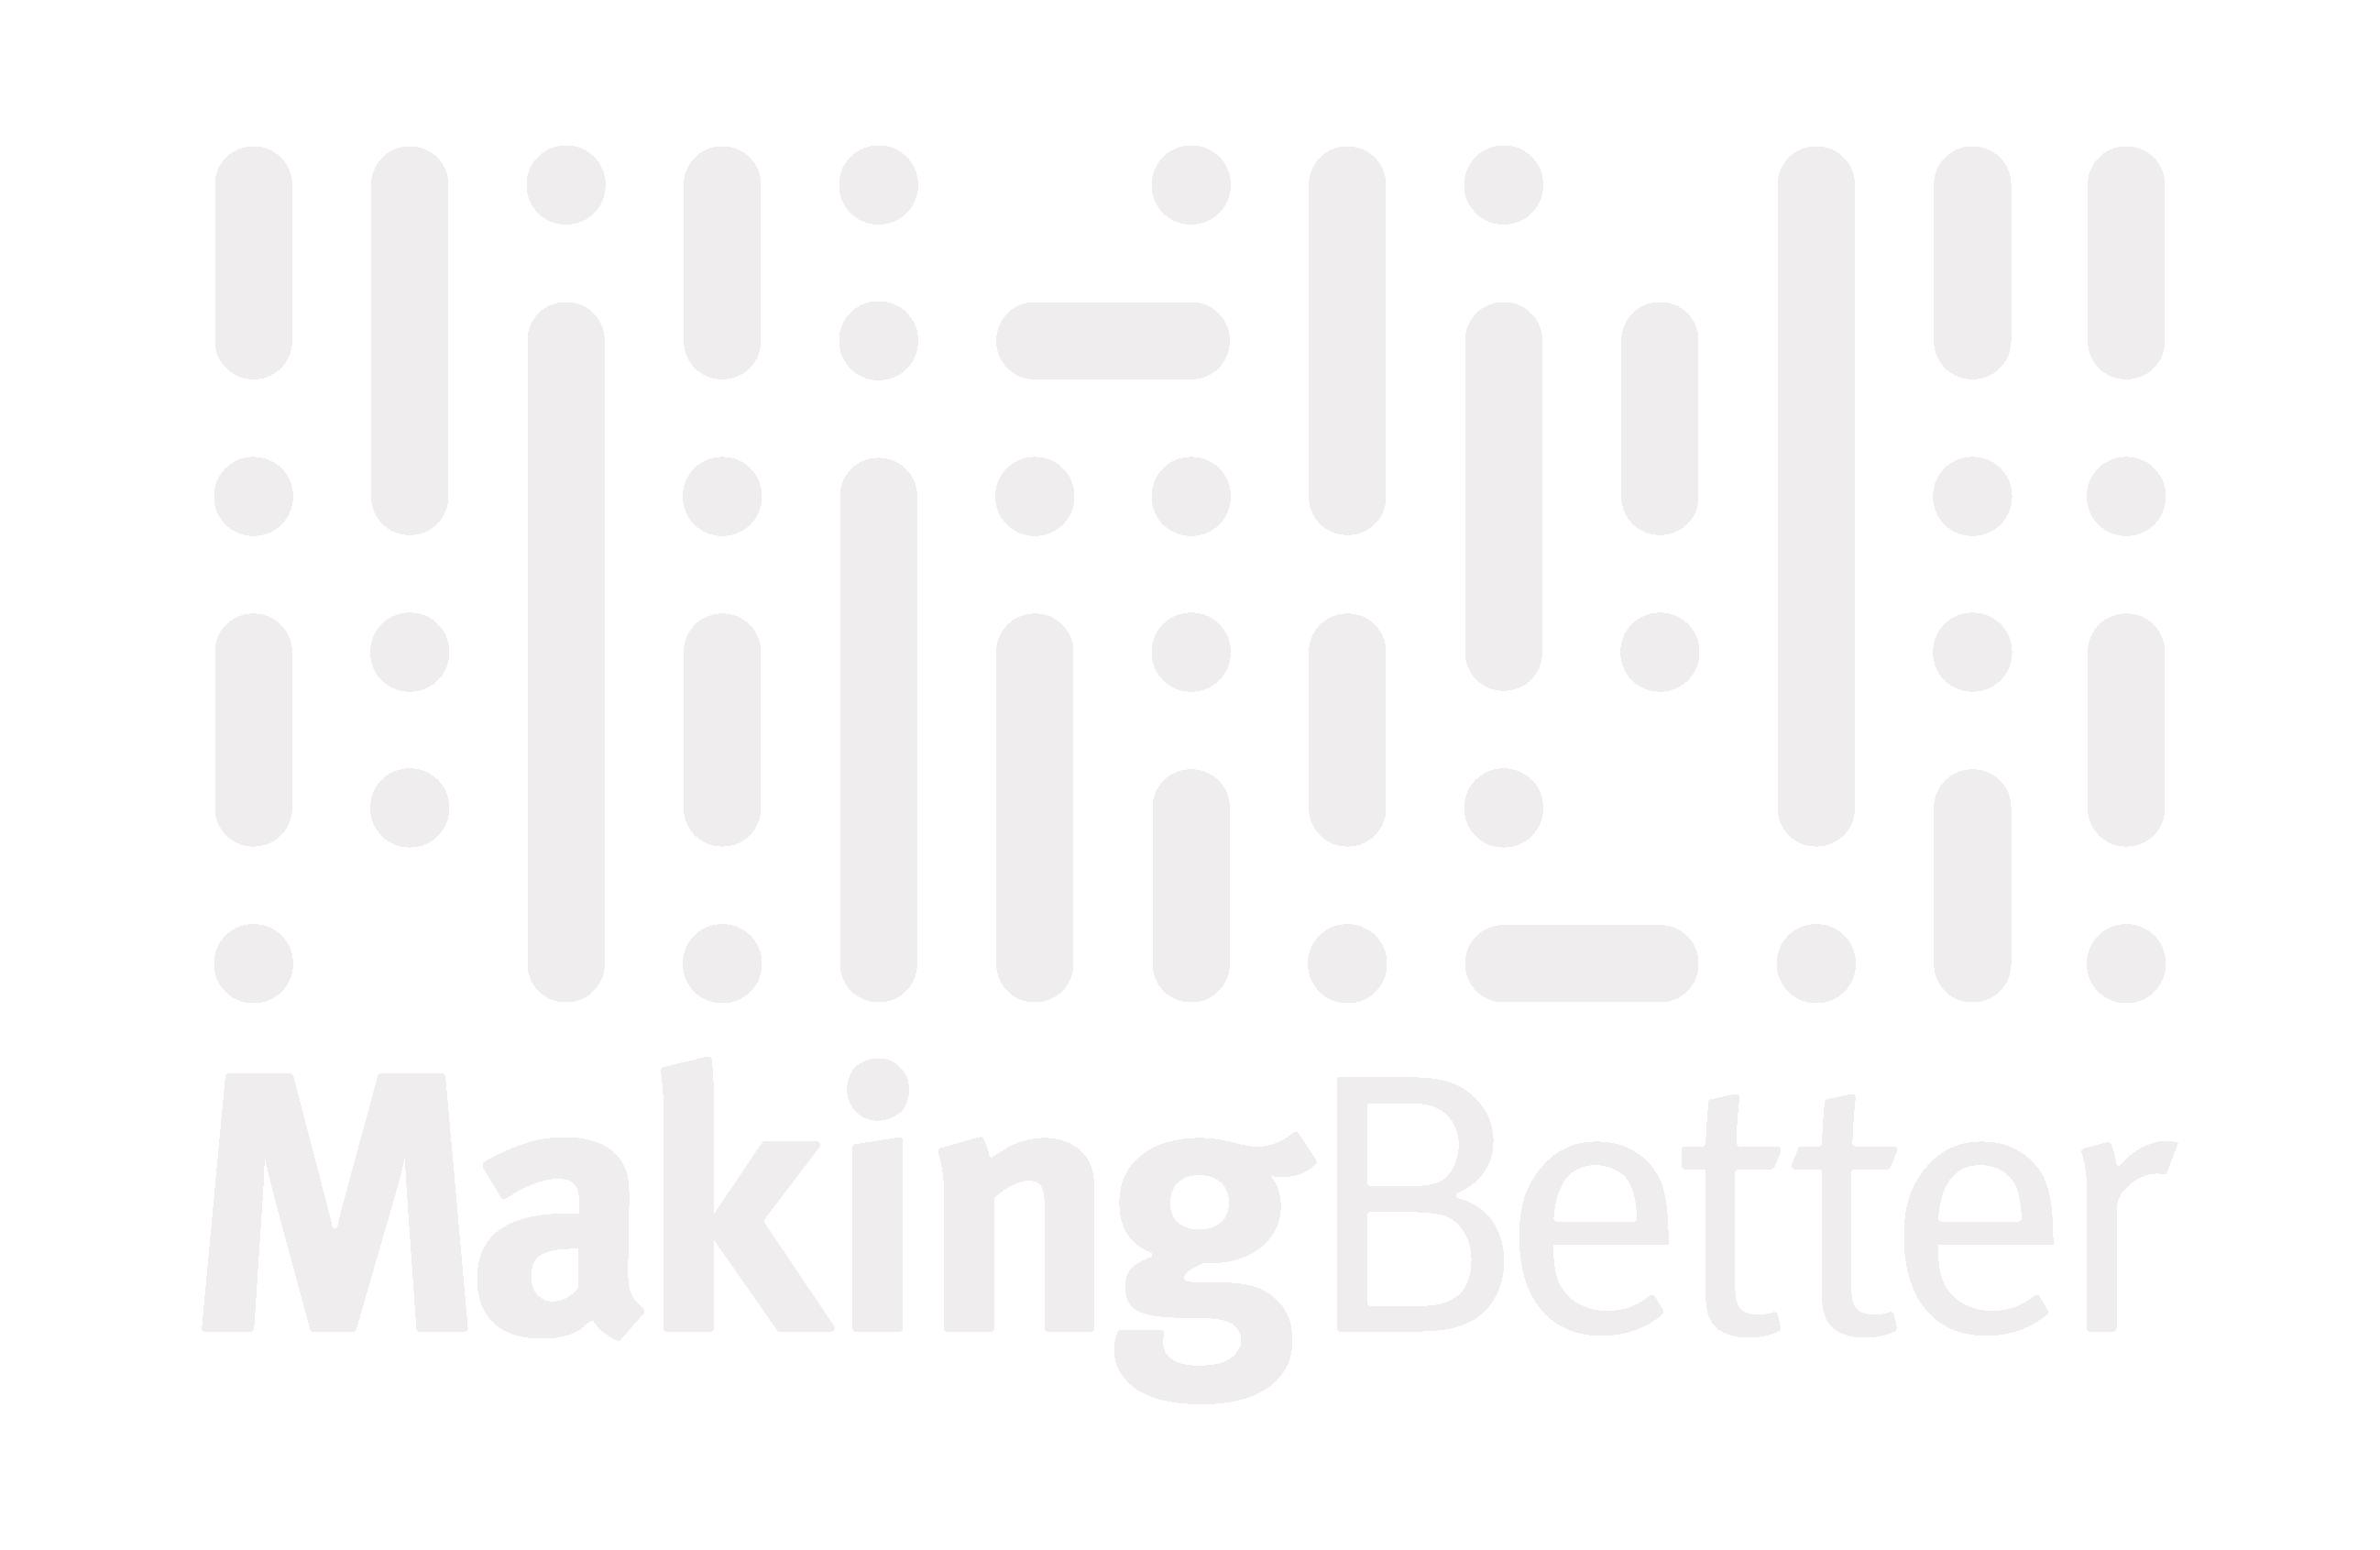 MakingBetter